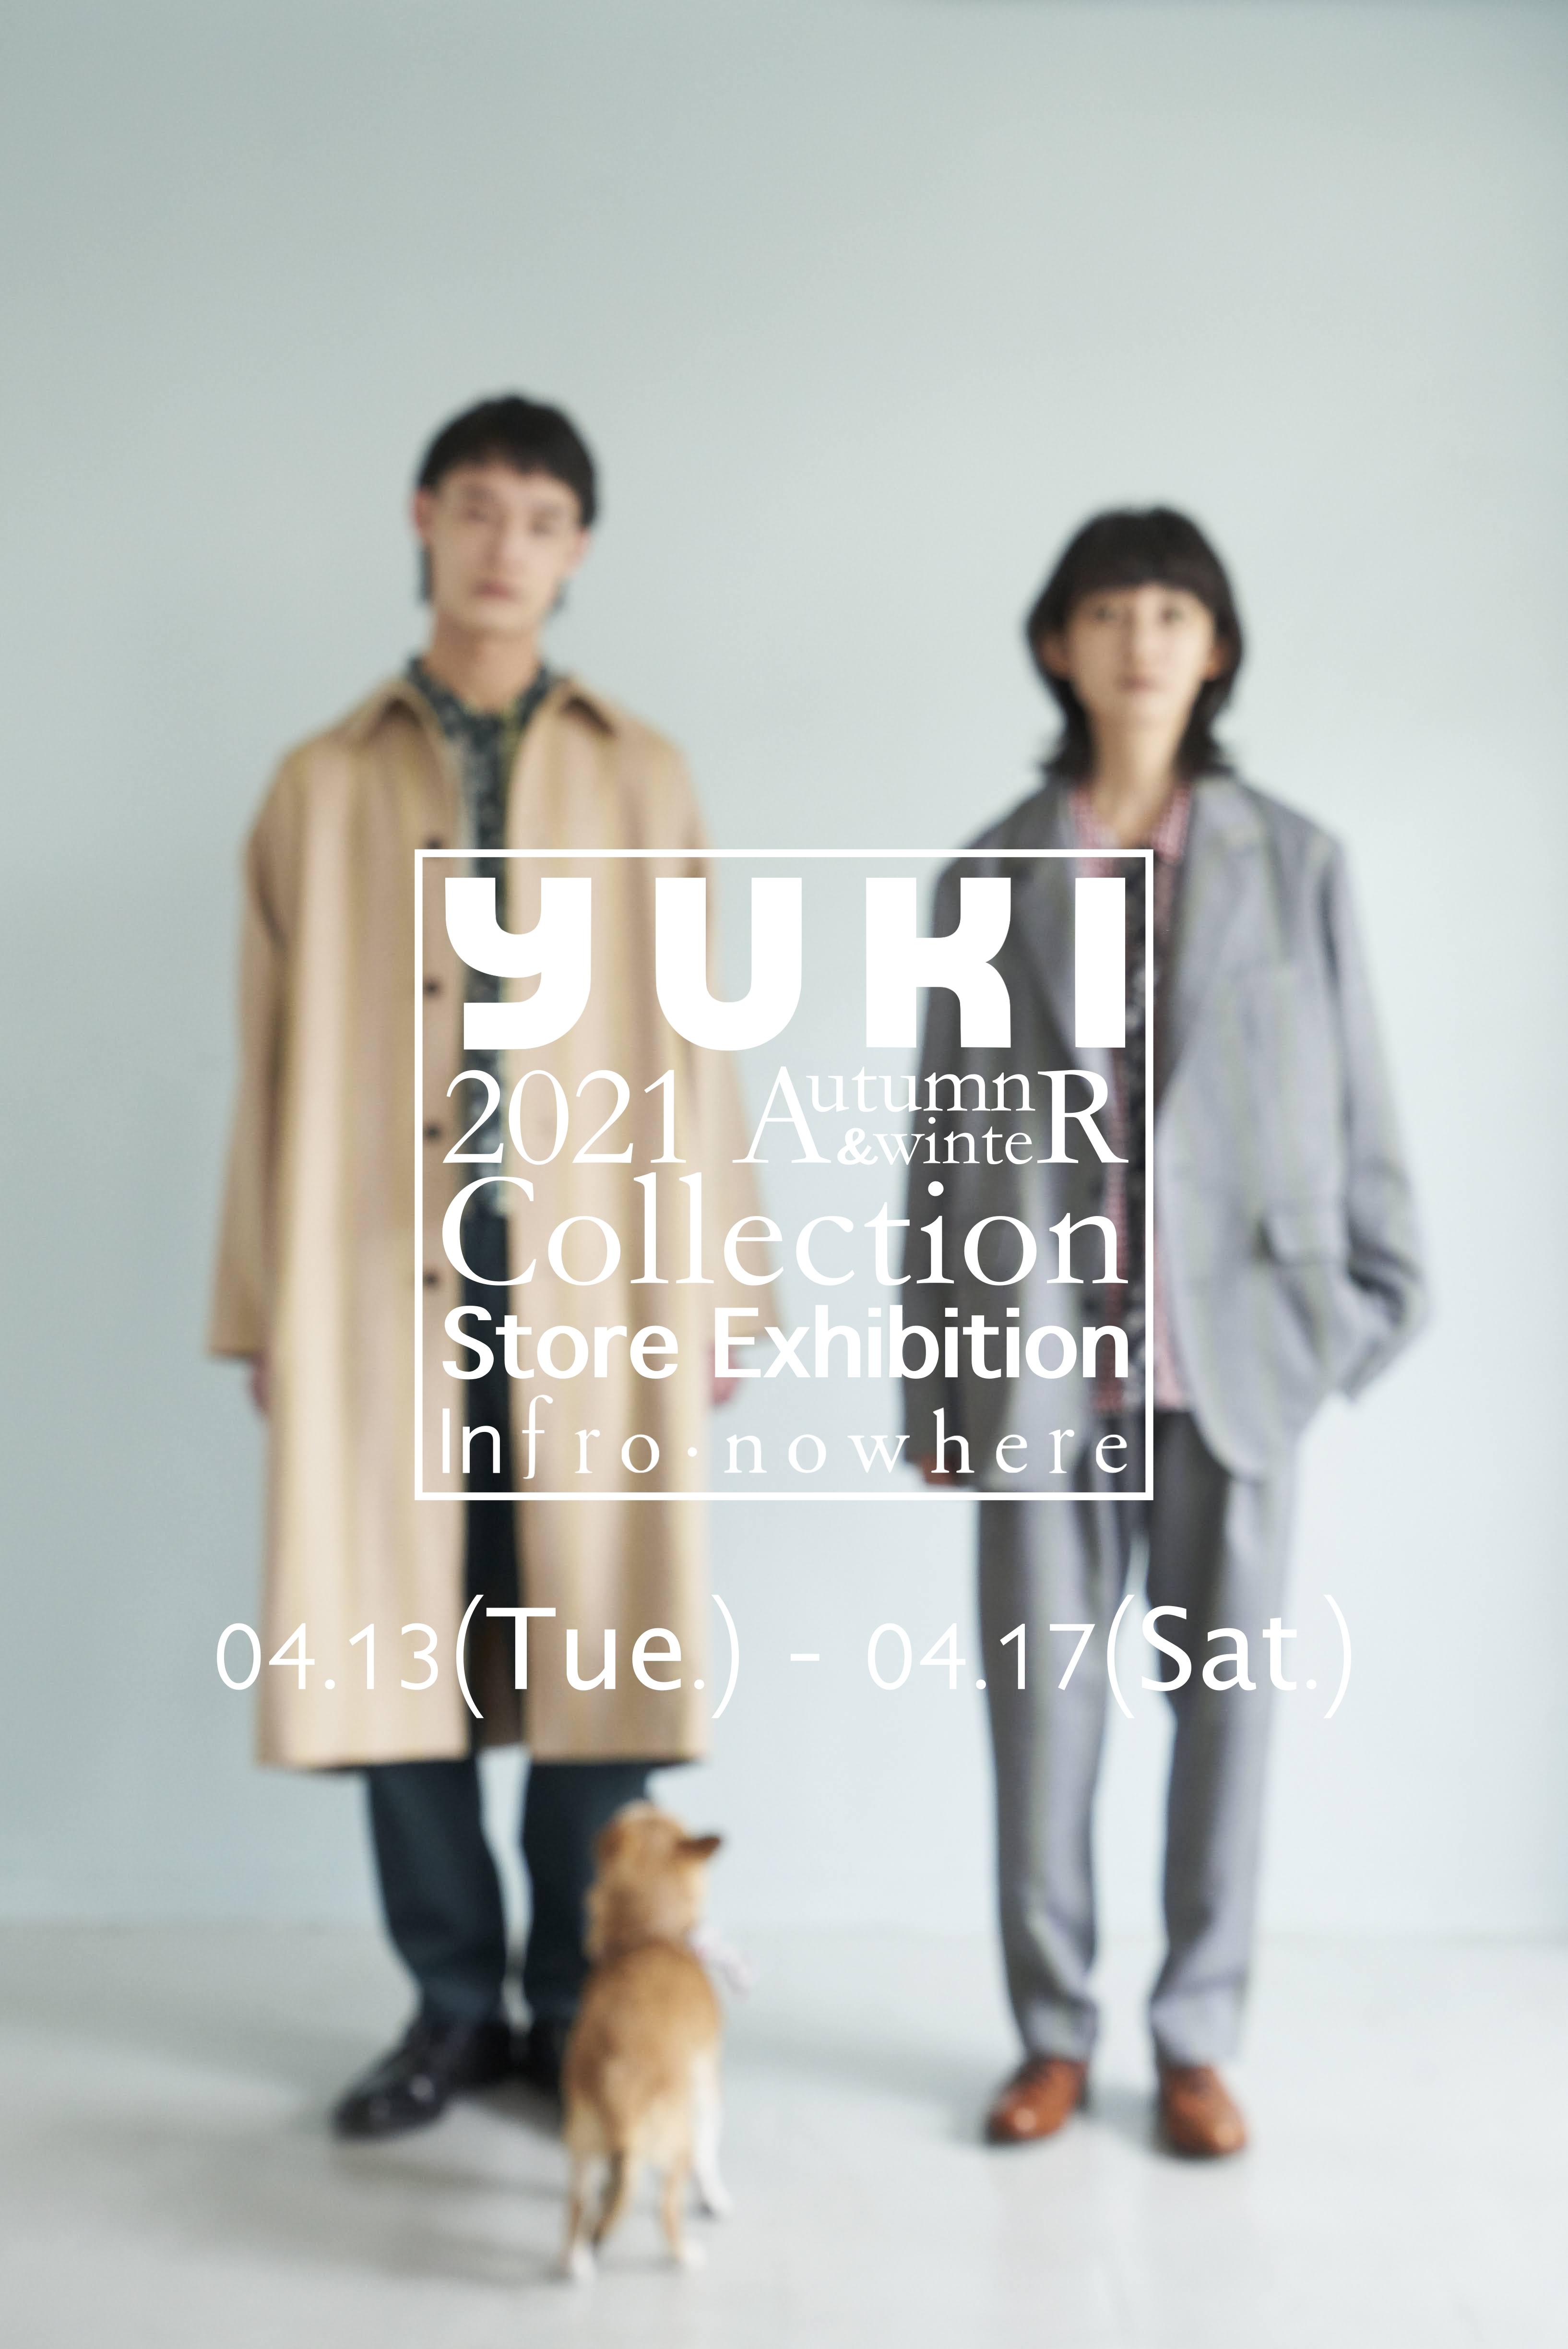 【YUKI】2021 A/W collection 新作受注会イベントのご案内